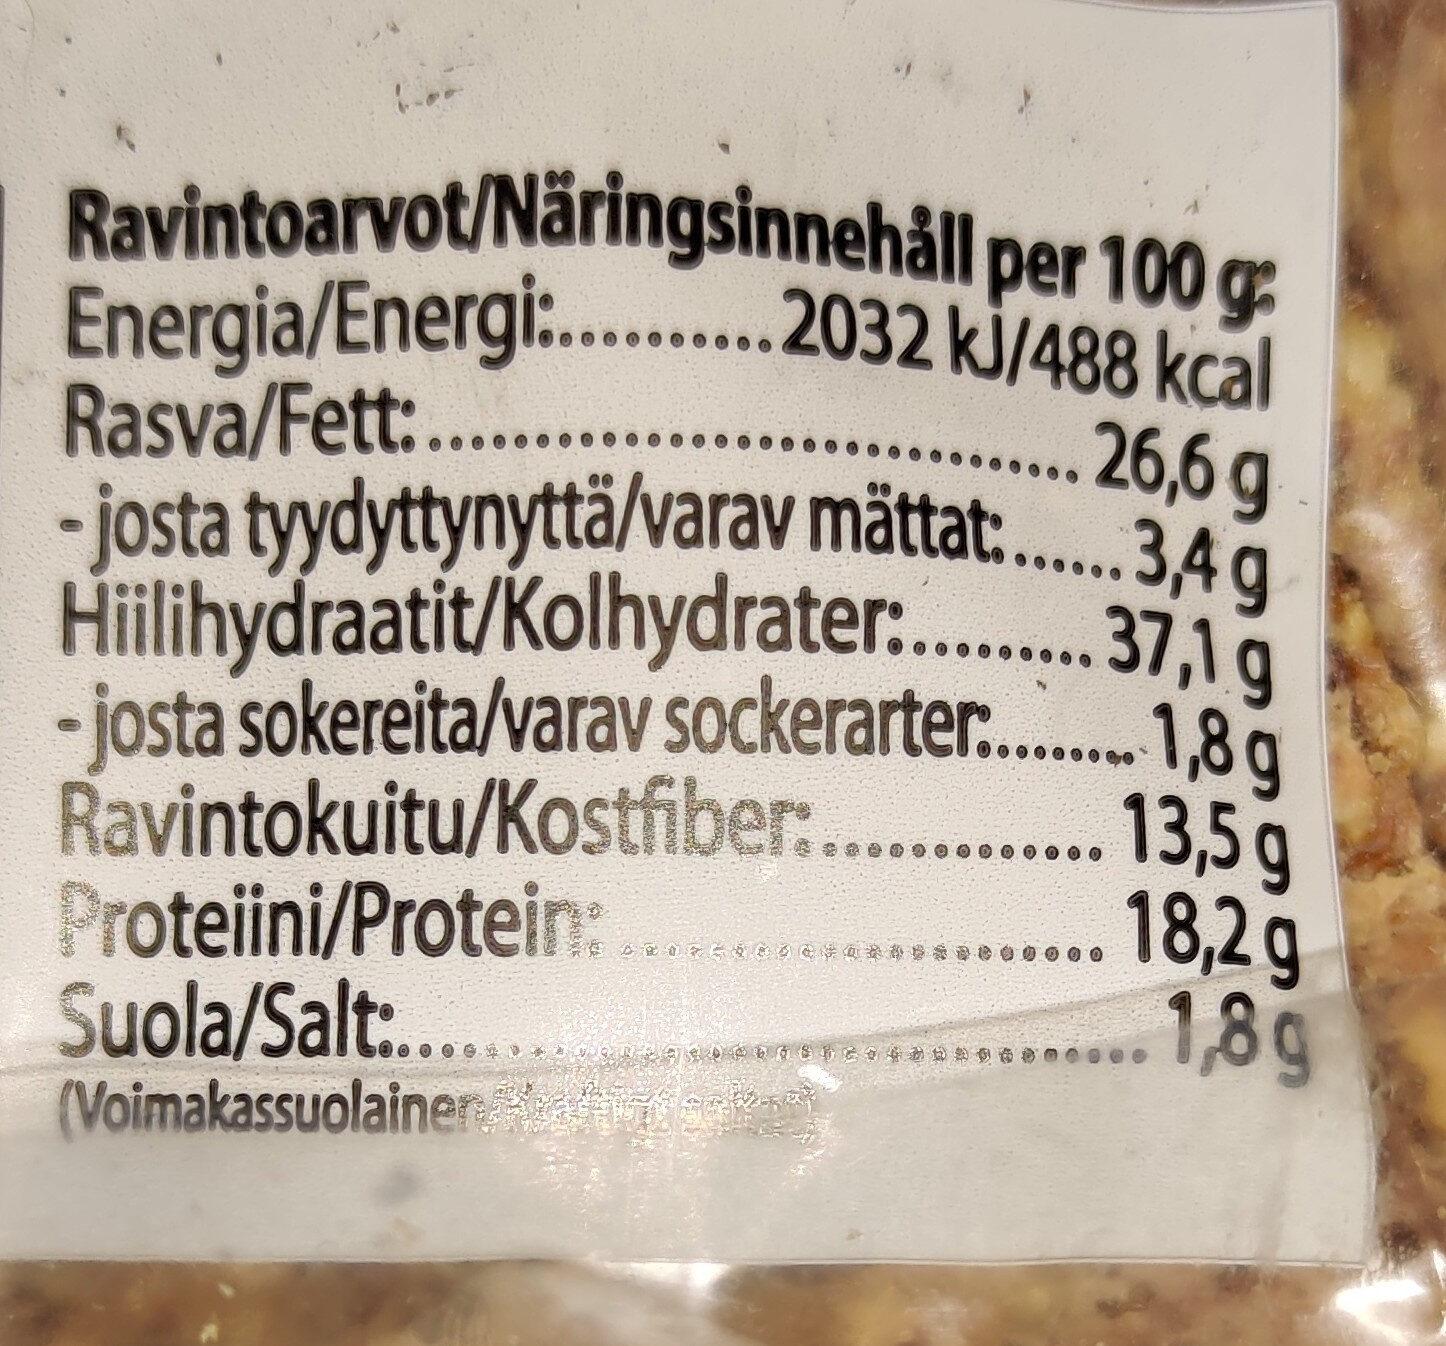 Gourmet-Näkkileipä - Yrtti & Merisuola - Ainesosat - fi